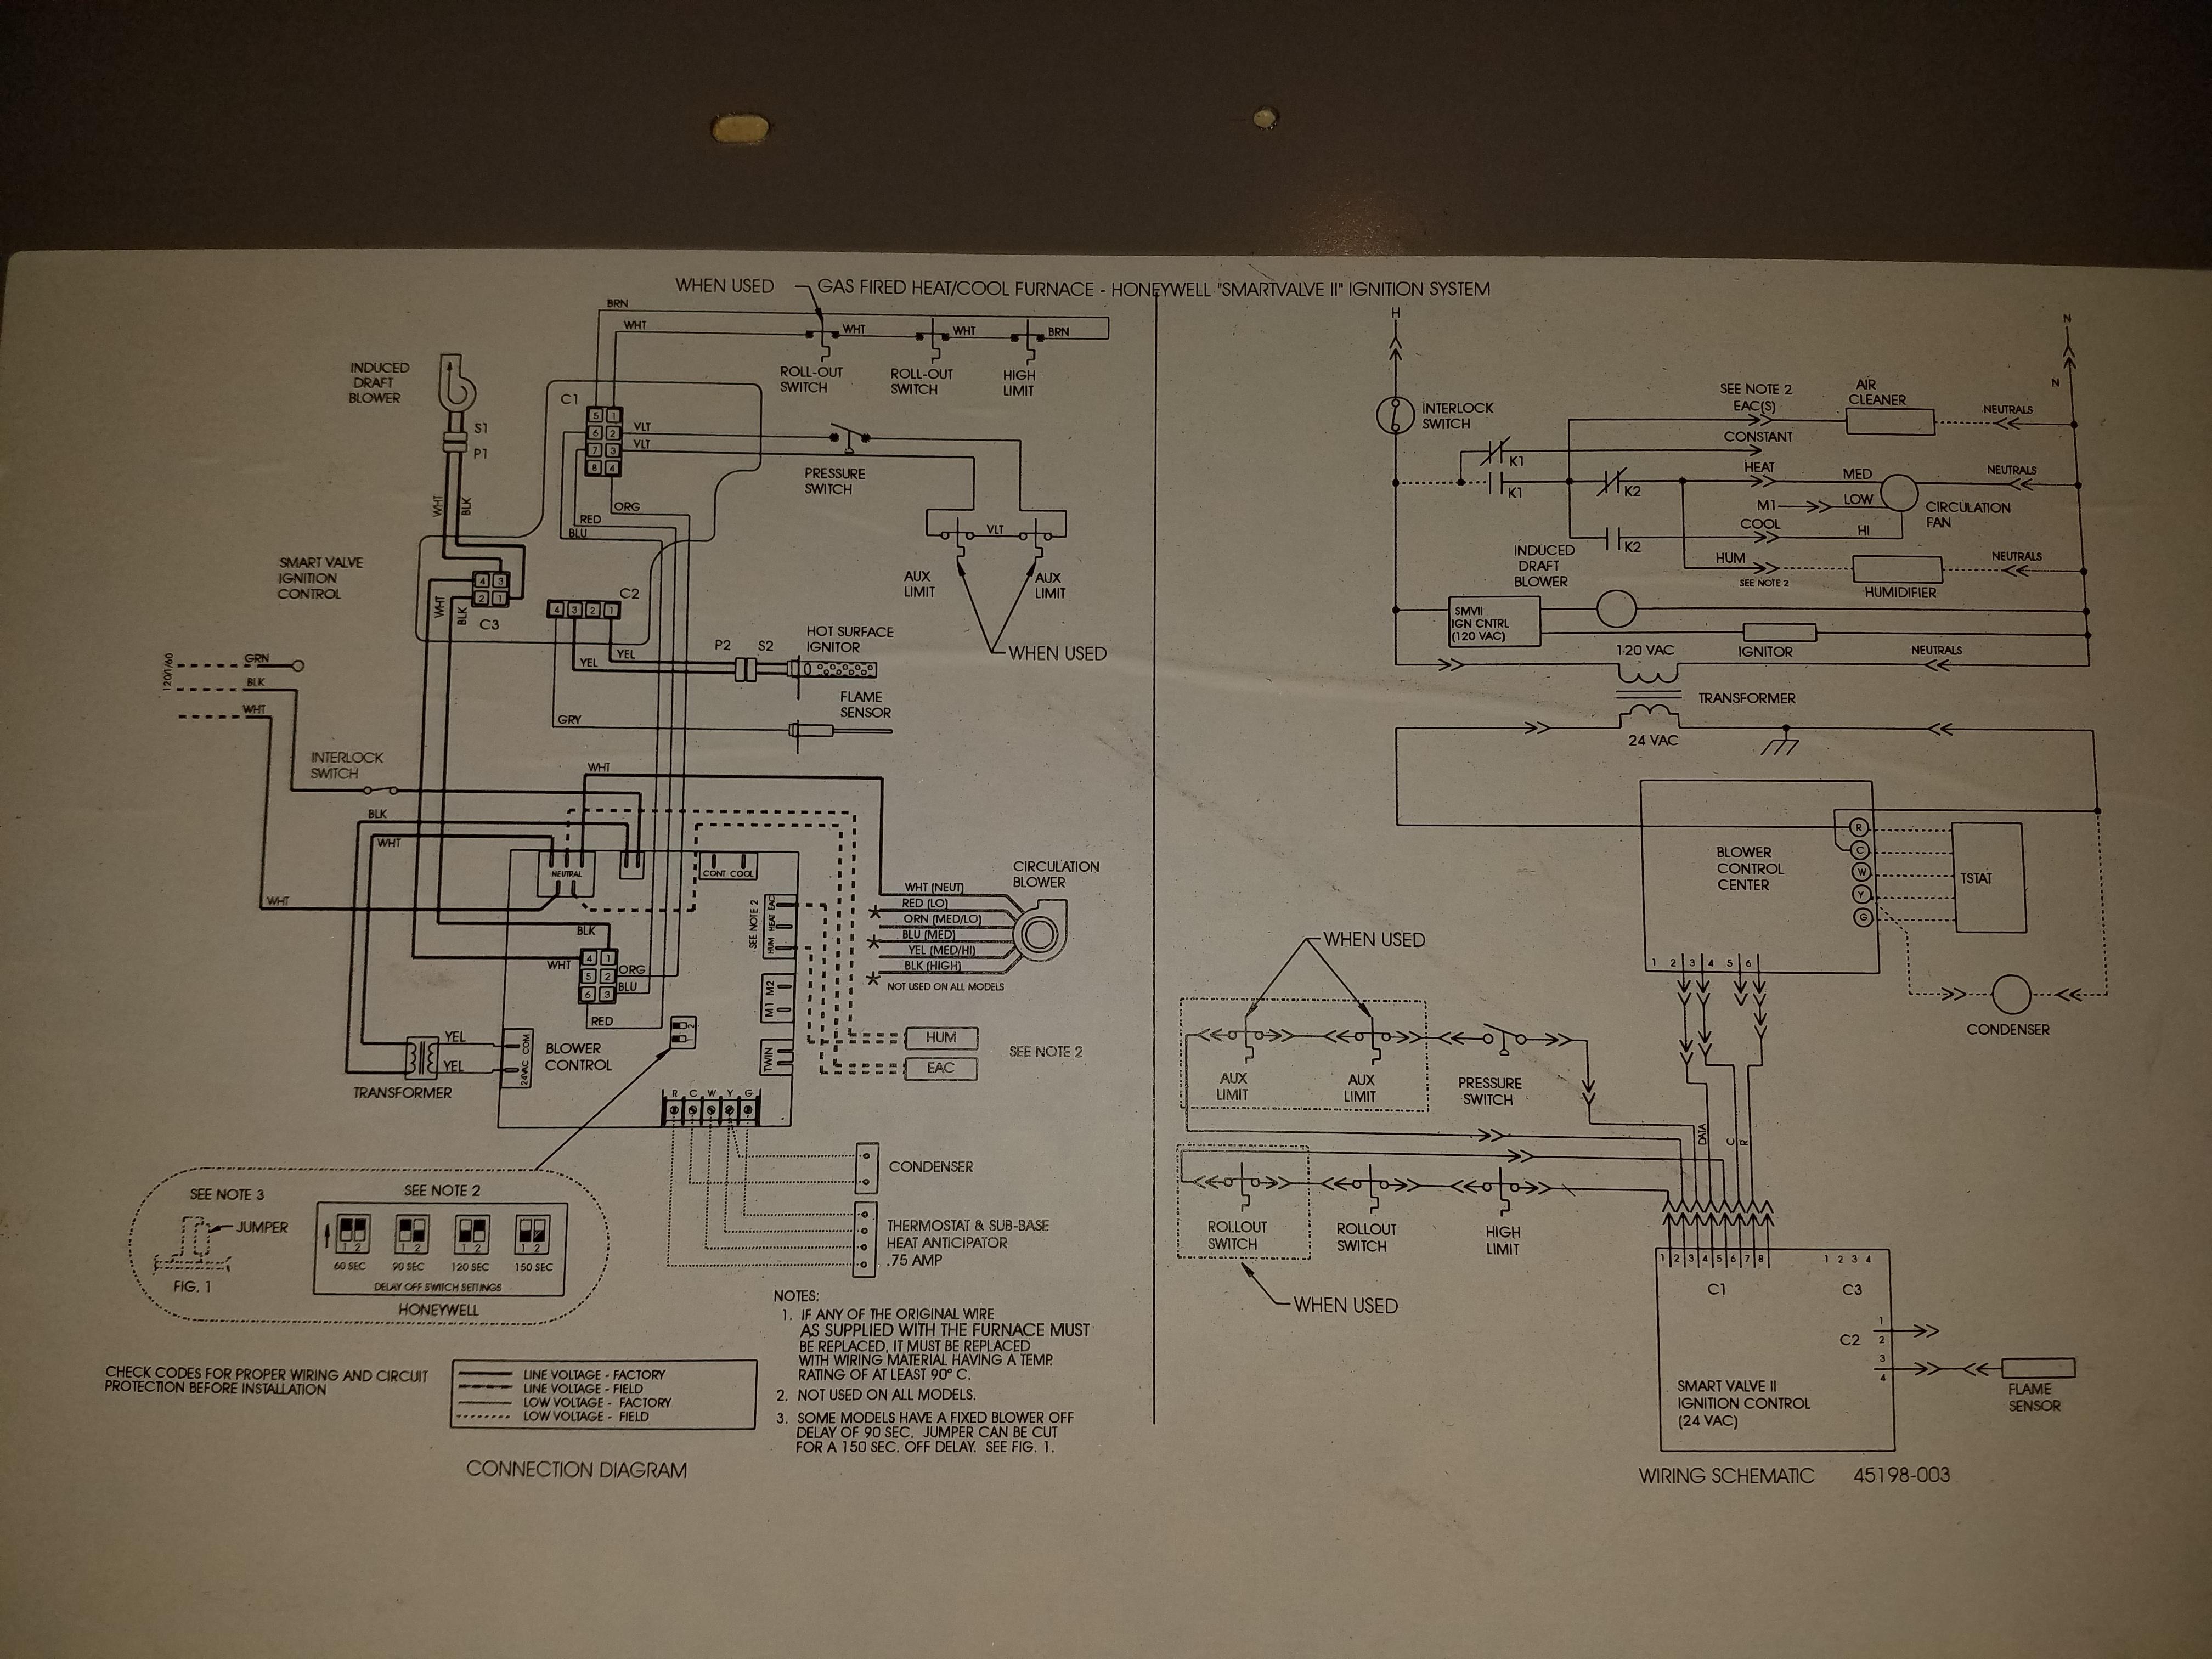 Honeywell Lr1620 Wiring Diagram | Wiring Schematic Diagram ... on honeywell switching relay wiring diagram, honeywell burner control wiring diagram, honeywell gas valve wiring diagram, honeywell lr1620 wiring diagram, honeywell humidistat wiring diagrams, honeywell control boards wiring diagram, coleman furnace parts diagrams, honeywell thermostat wiring diagram, honeywell pro 3000 wiring diagram, aprilaire humidistat wiring diagrams, bettis actuator diagrams, 1991 prizm diagrams, honeywell boiler diagrams, honeywell smart valve wiring diagram, honeywell zone control wiring guide, honeywell diaphragm actuator, honeywell actuator parts, honeywell ct410b wiring diagram, honeywell louver actuator, honeywell thermostat schematic diagrams,